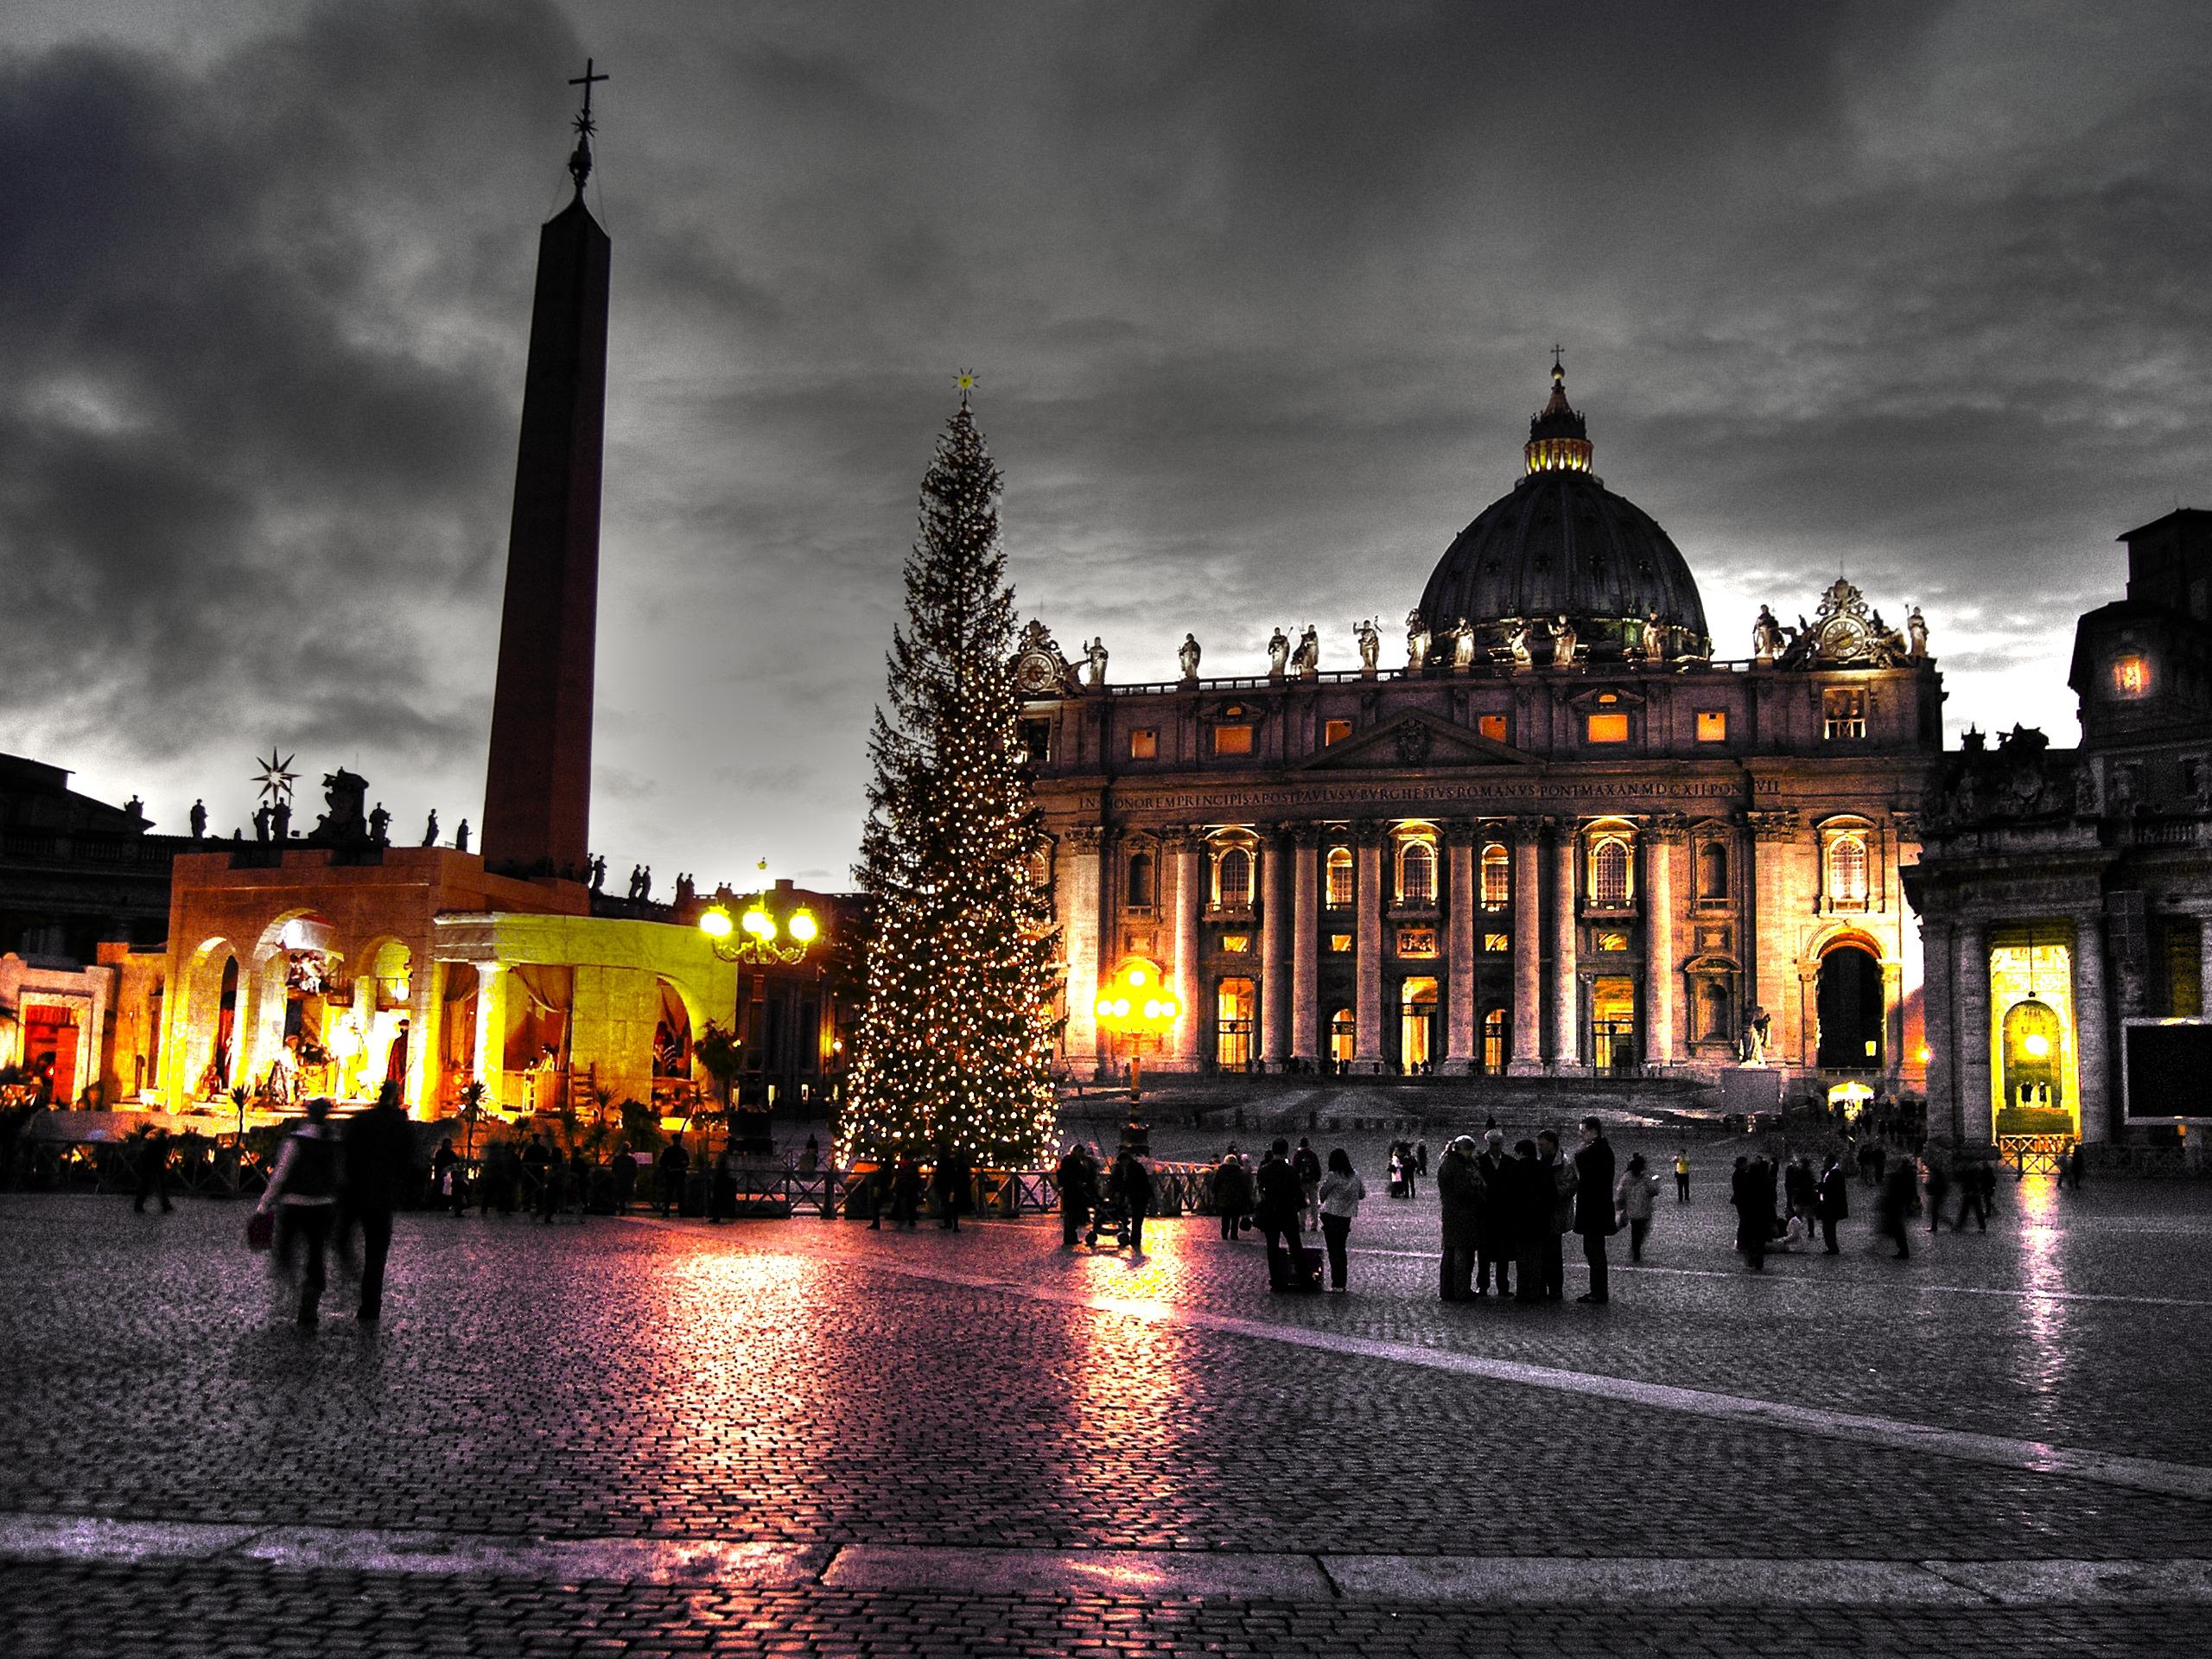 Veglia in piazza san pietro per il nuovo anno - Mercatino di natale piazza mazzini roma ...